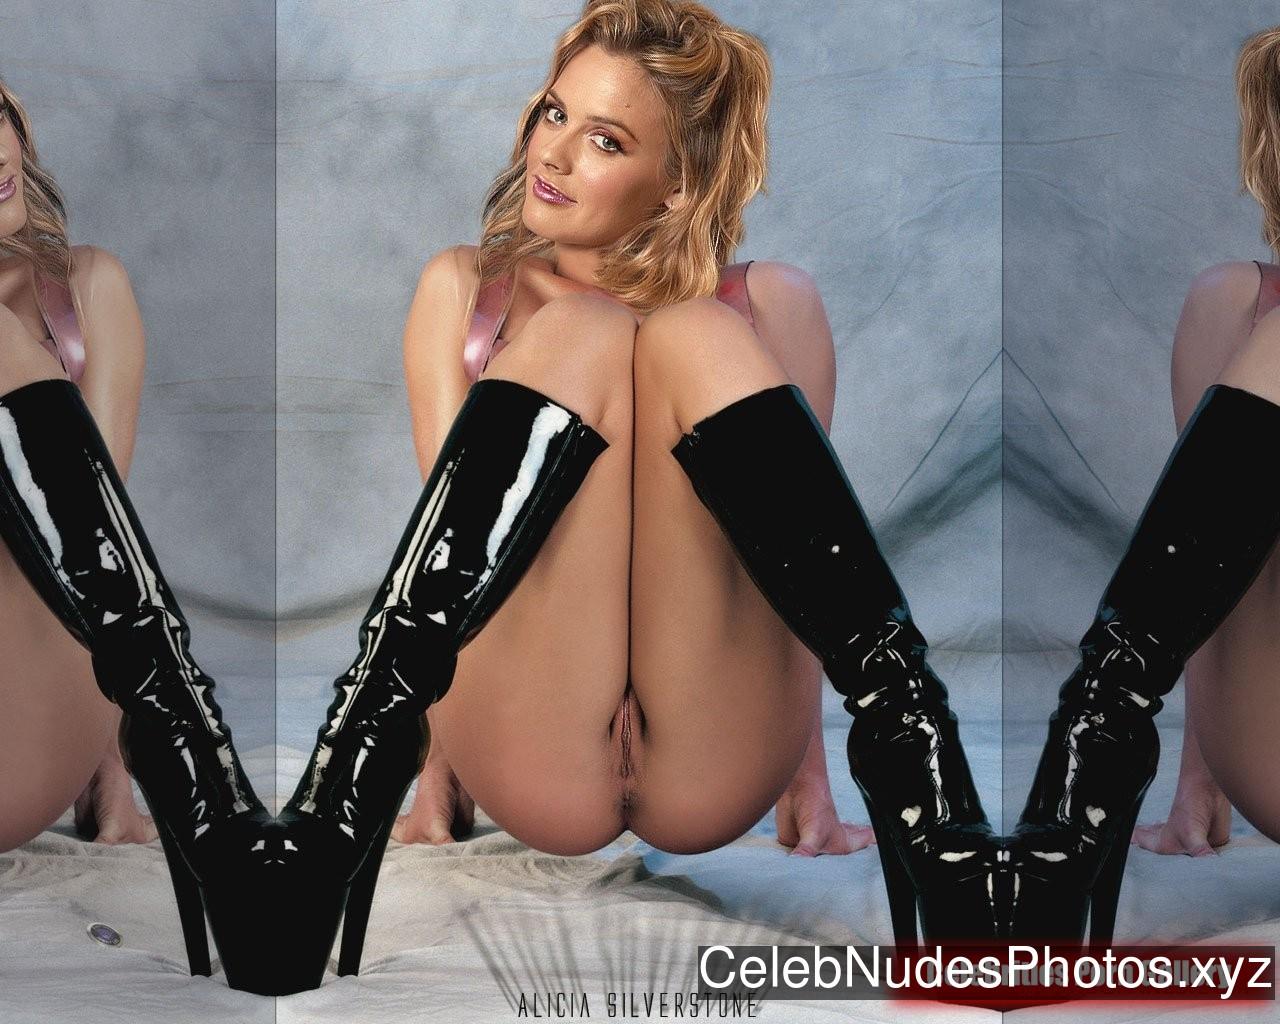 Alicia Silverstone Free Nude Celeb sexy 28